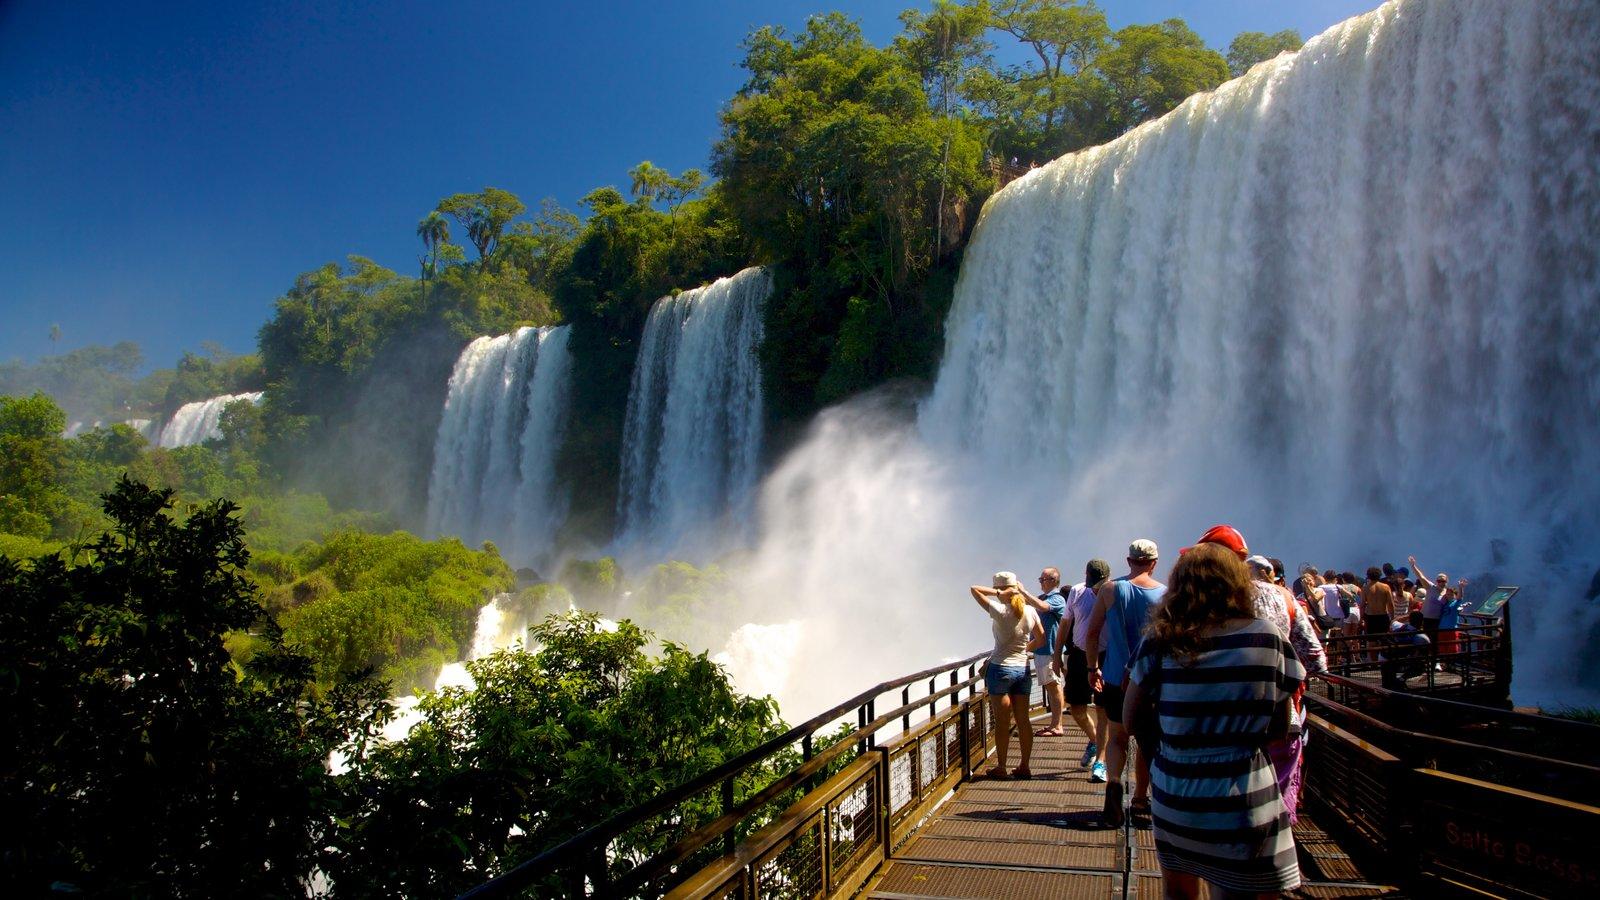 Iguazul Falls Wallpaper Fotos De Foz De Iguaz 250 Ver Fotos E Im 225 Genes De Foz De Iguaz 250